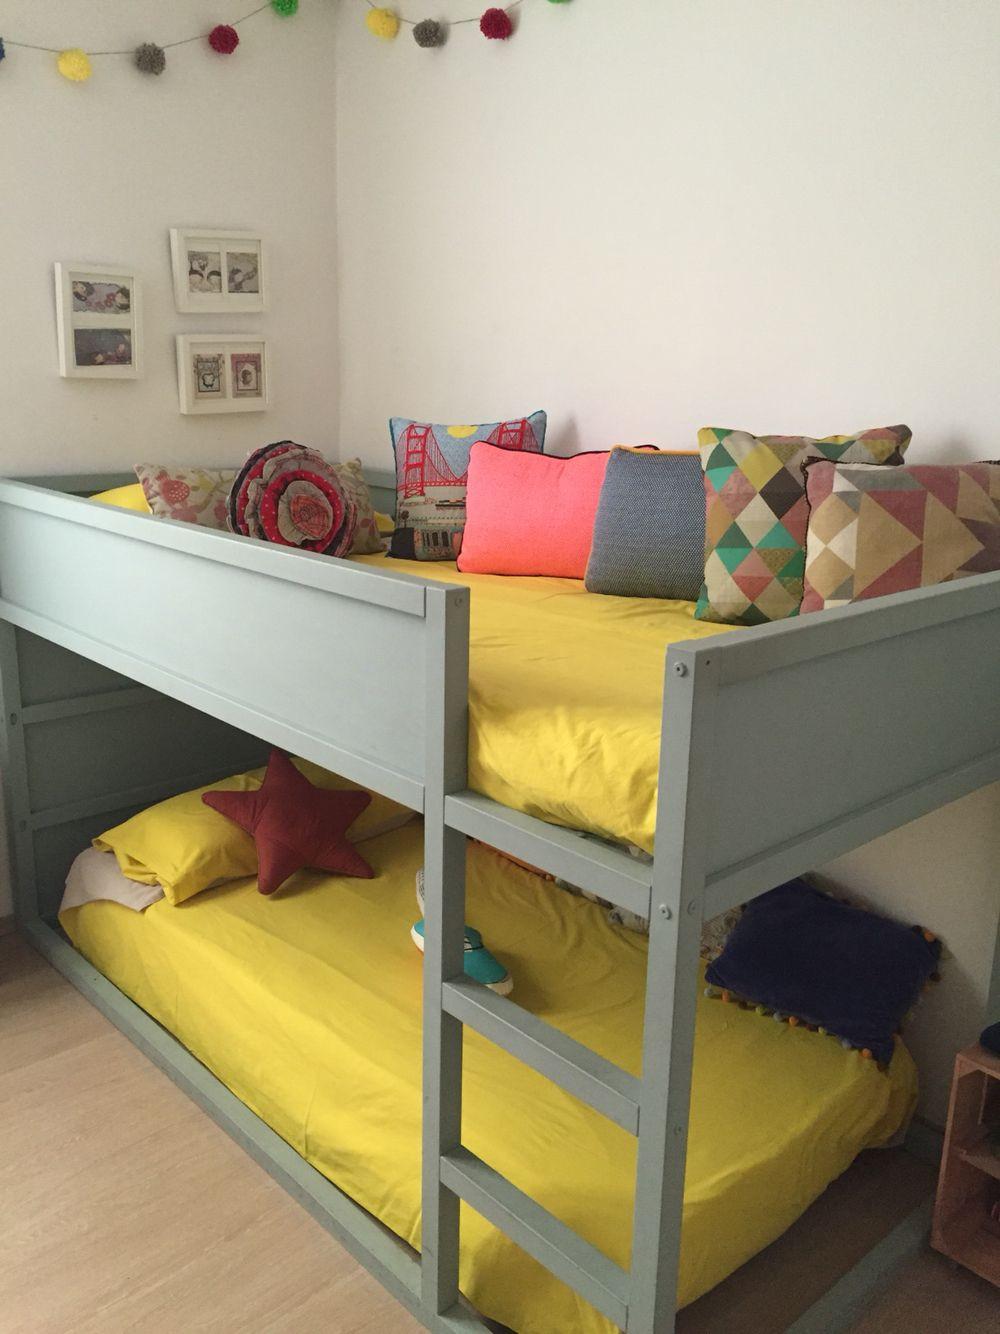 Full Size of Ikea Kura Bed Hack Storage Montessori Slide Drawers Hacks Double Floor Bunk Instructions House Me Fhrung Beste Mbelideen Wohnzimmer Kura Hack